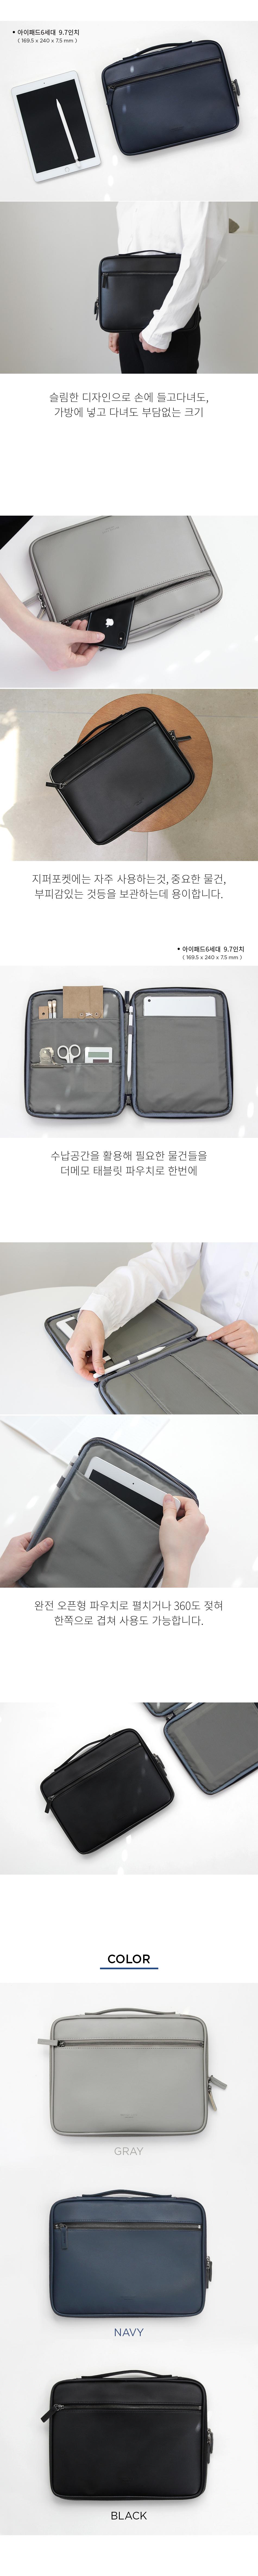 더메모 태블릿 파우치 11인치 - 건망증, 29,500원, 노트북 케이스/파우치, 27.94cm~33.78cm